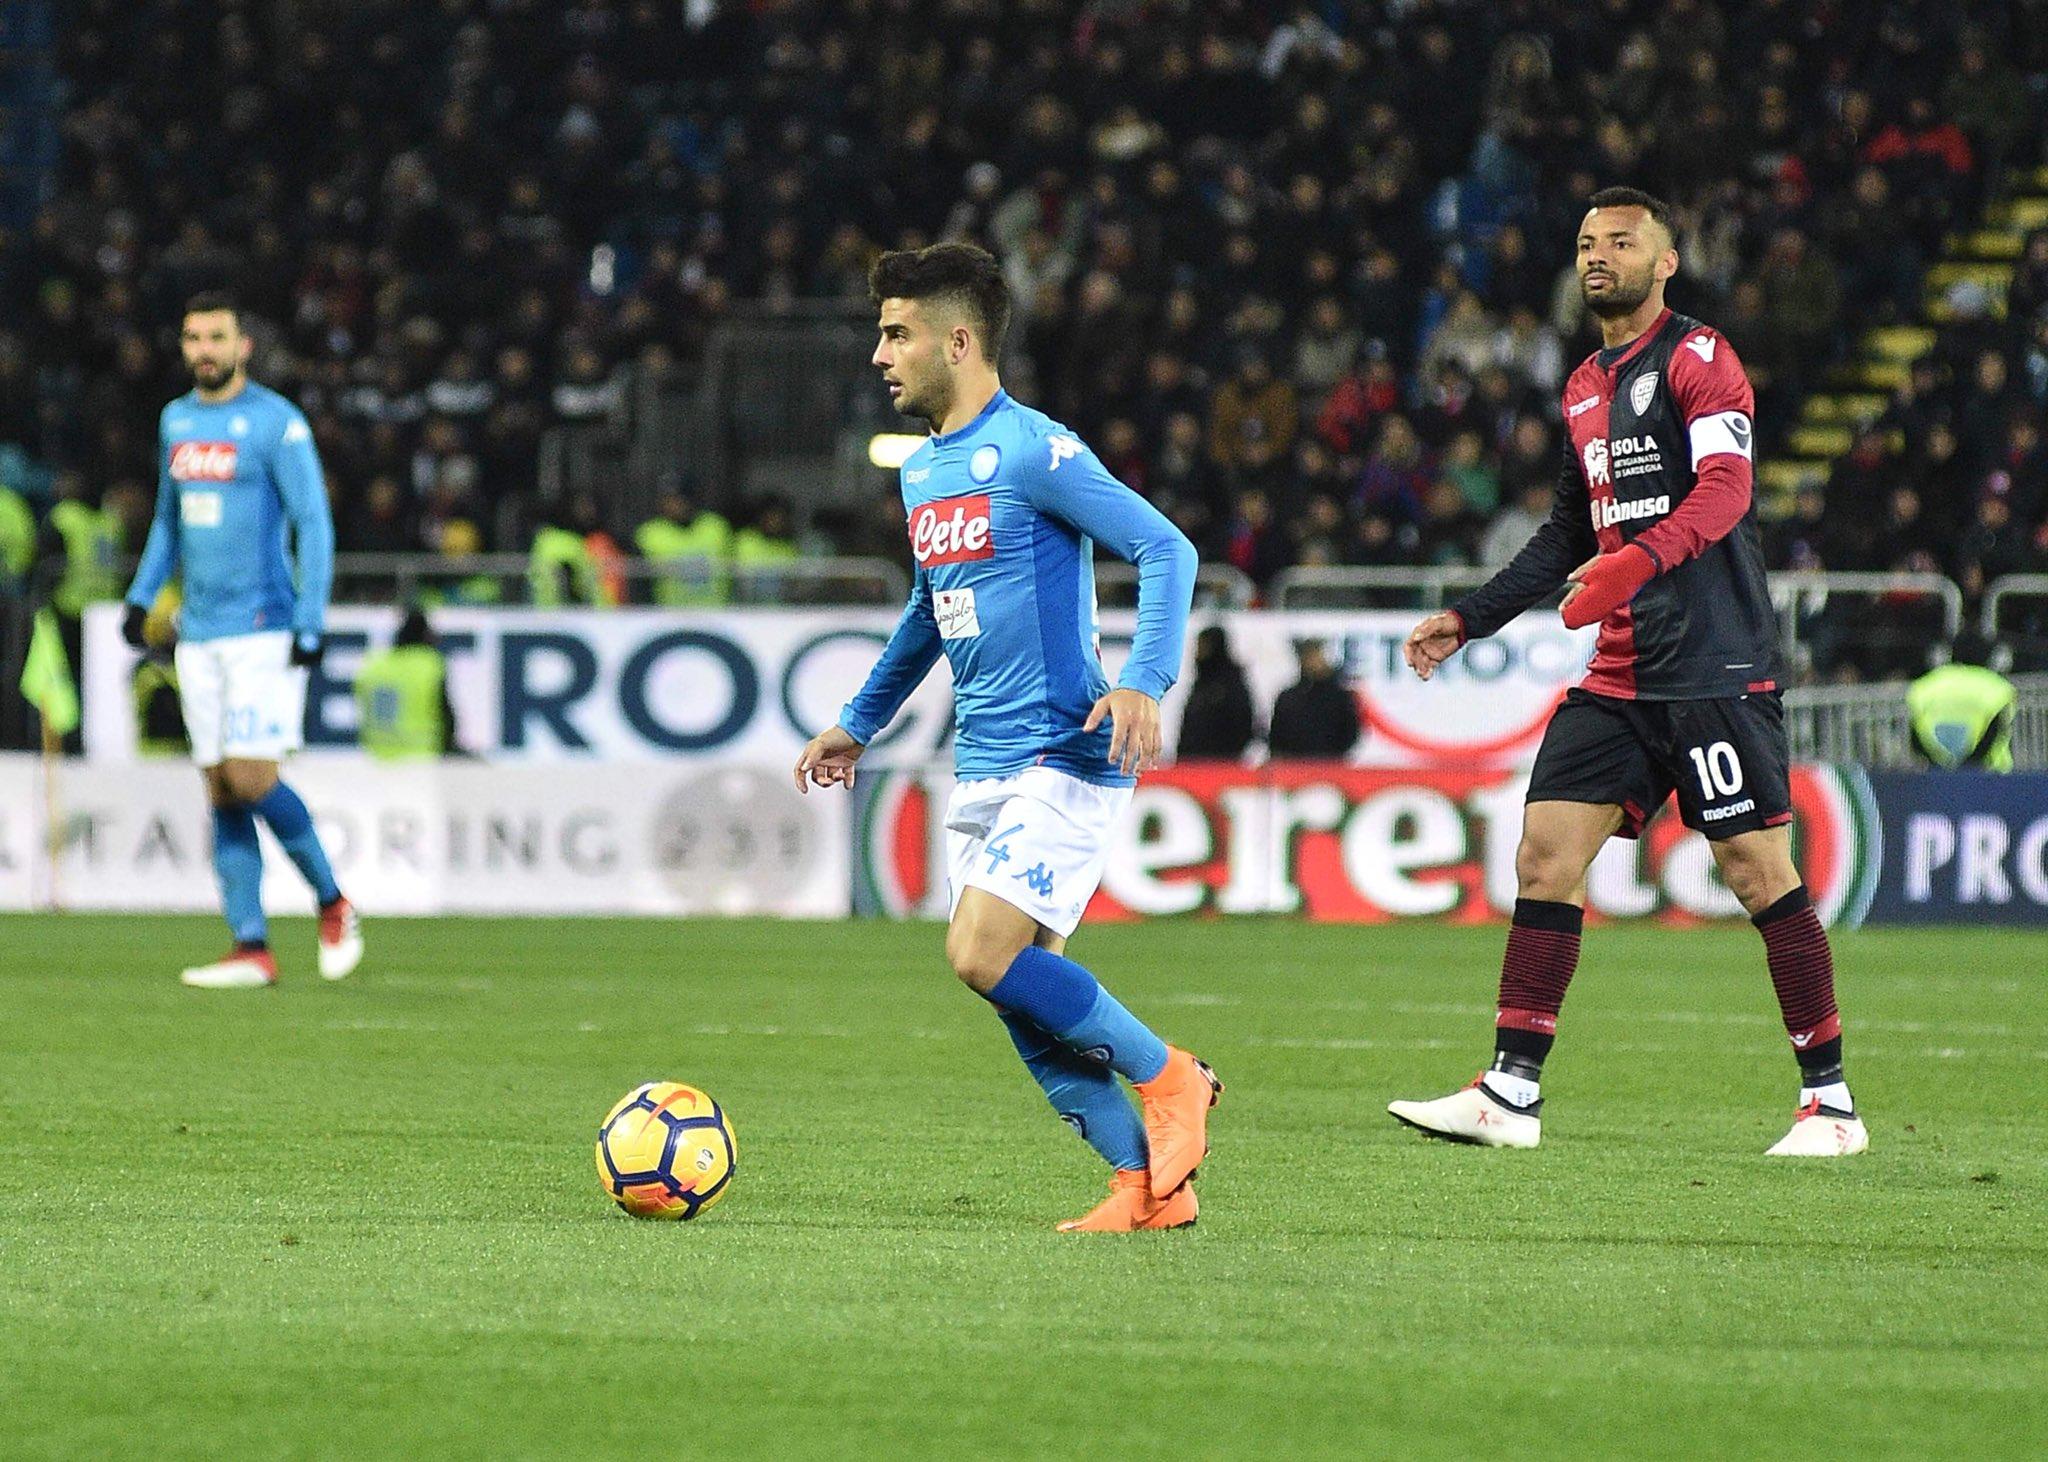 Cagliari-Napoli 0-5, la festa del gol: Callejon, Mertens, Hamsik, Insigne e Mario Rui